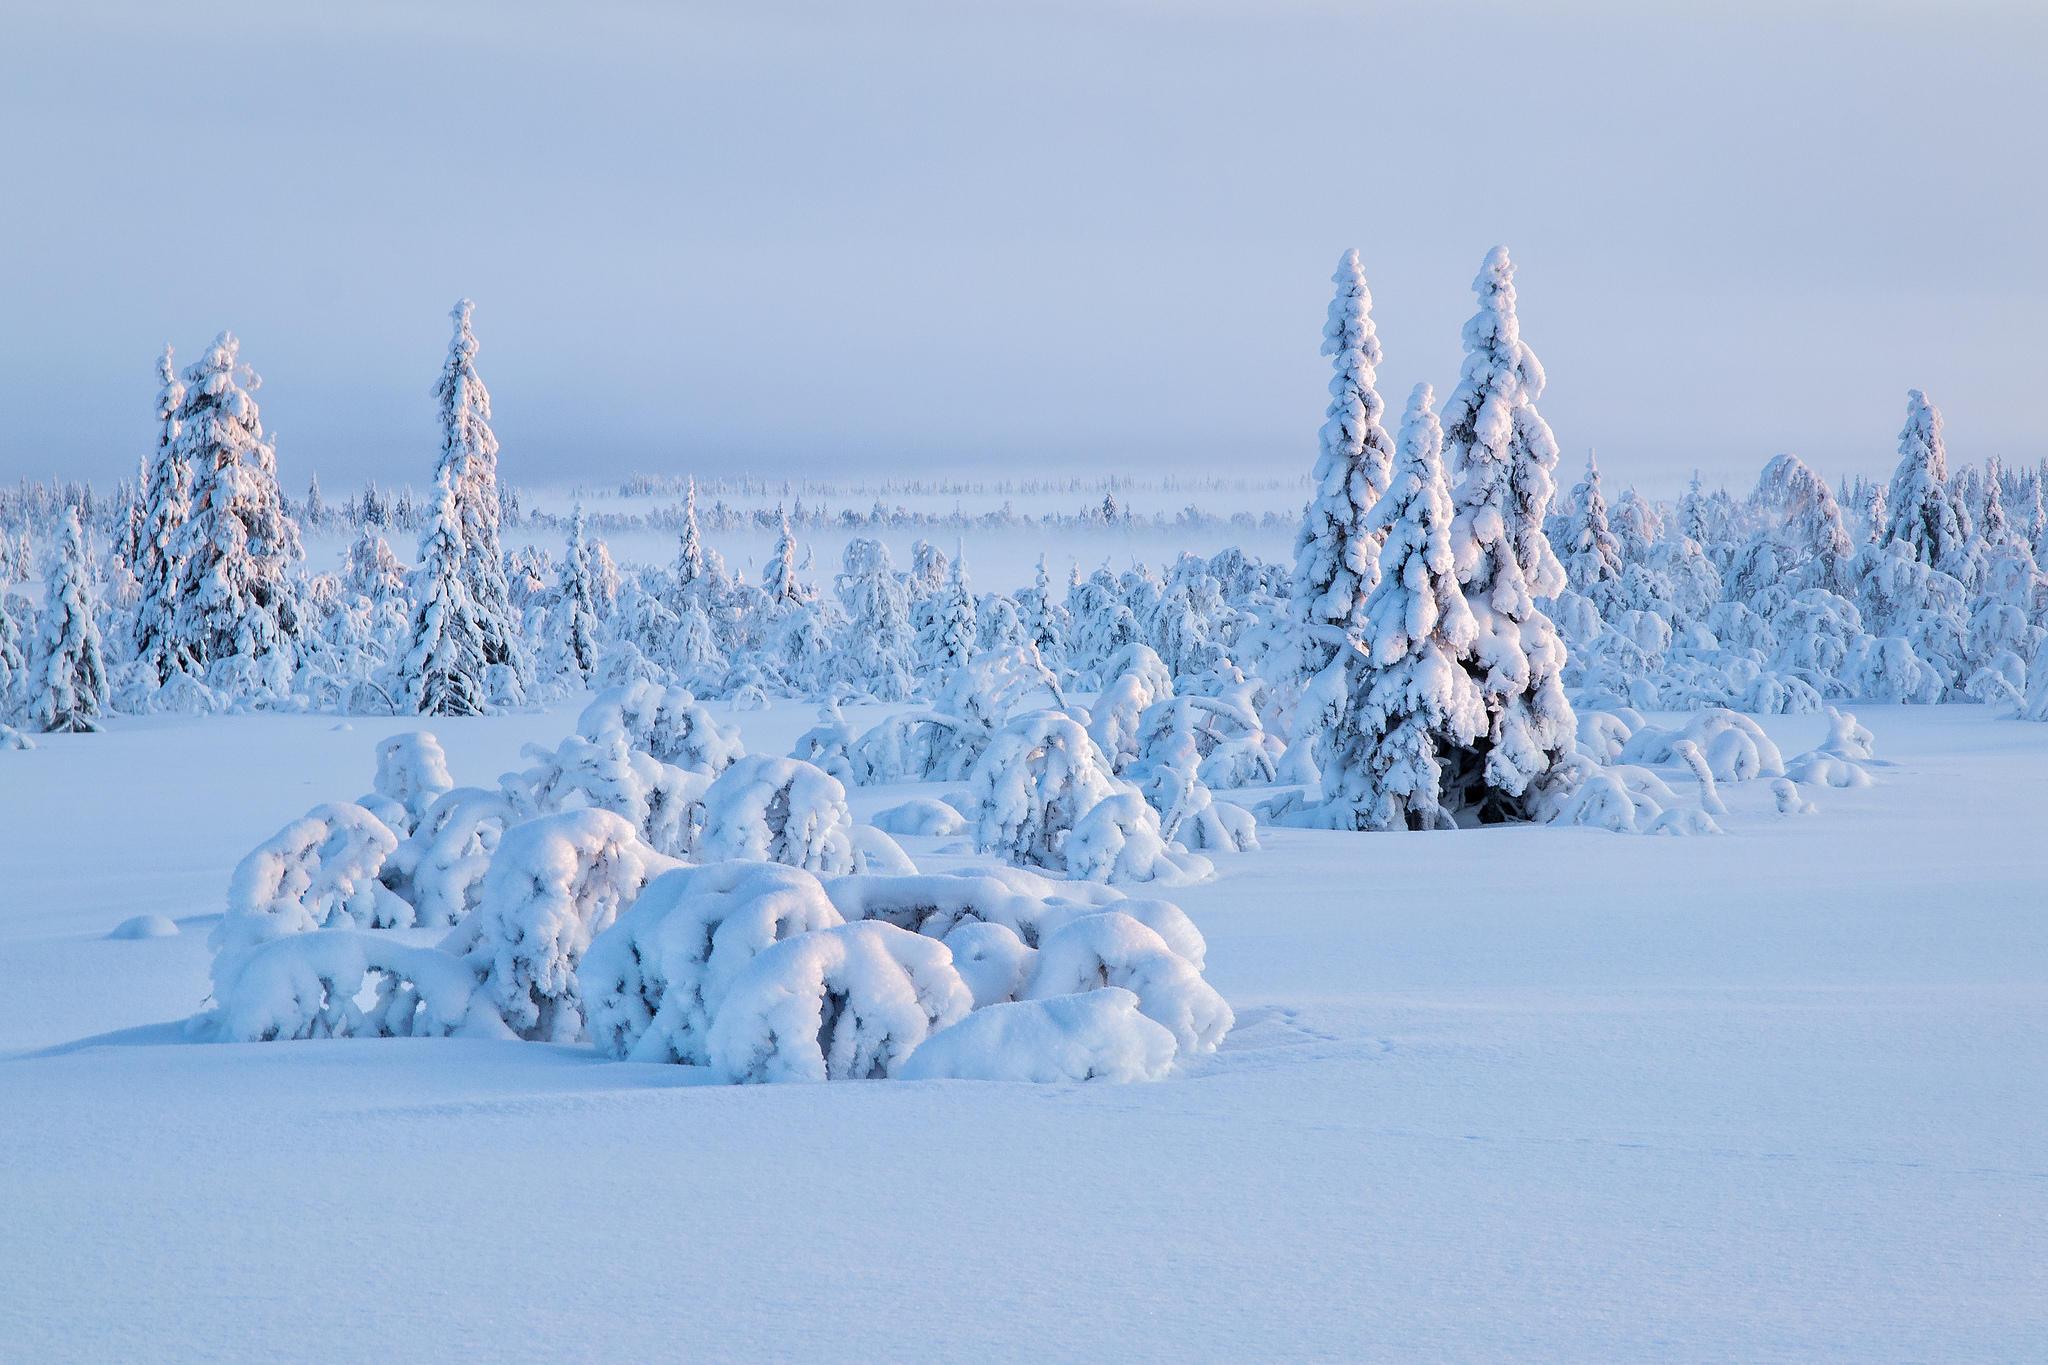 обои зима снежная на рабочий стол № 640837 бесплатно